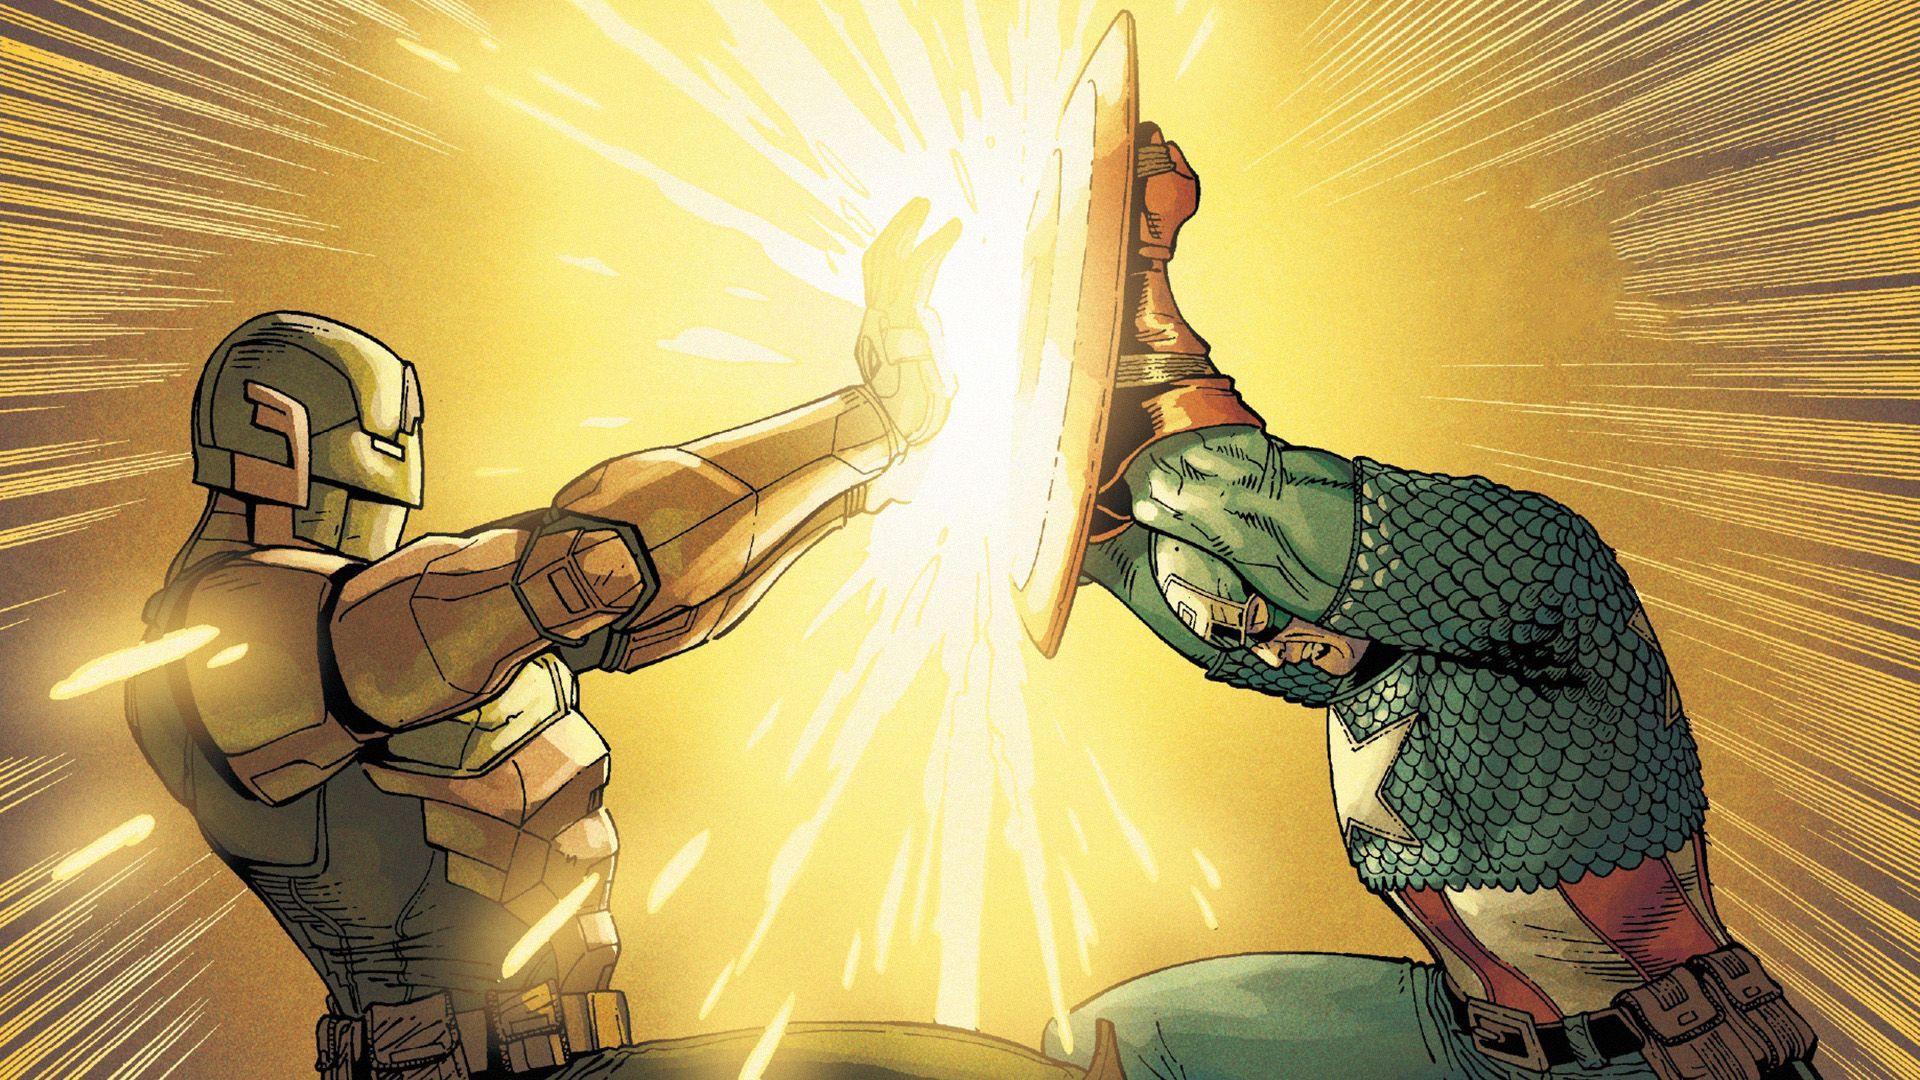 Comic Book Free Desktop Wallpaper